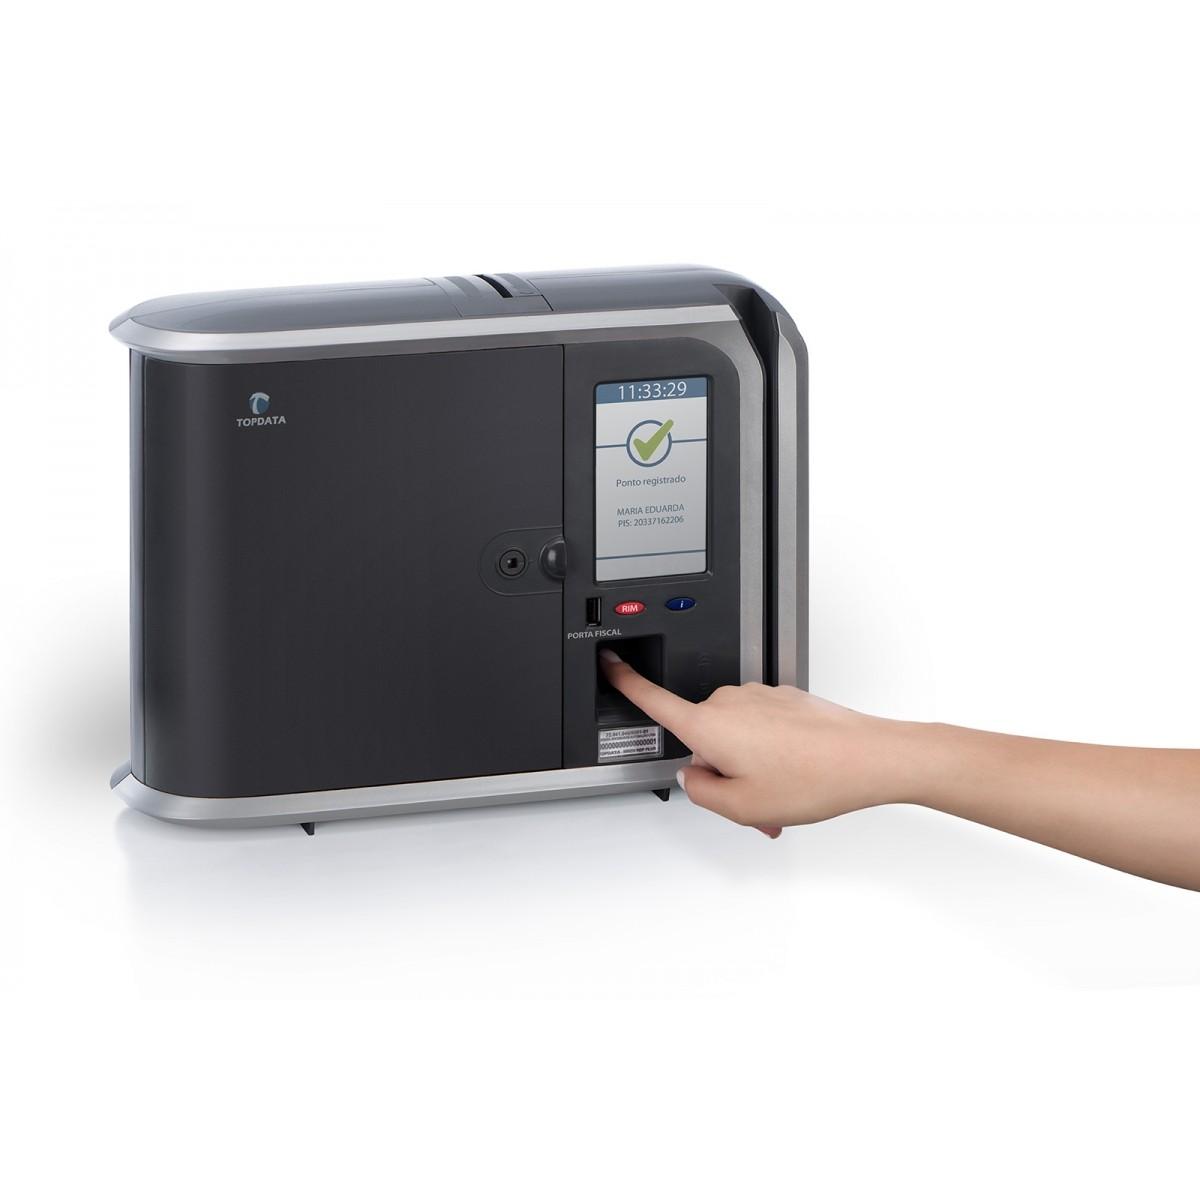 Relógio de Ponto Inner Rep Plus Bio Prox Barras LC Topdata + Ponto Secullum 4  - Iponto Tecnologia